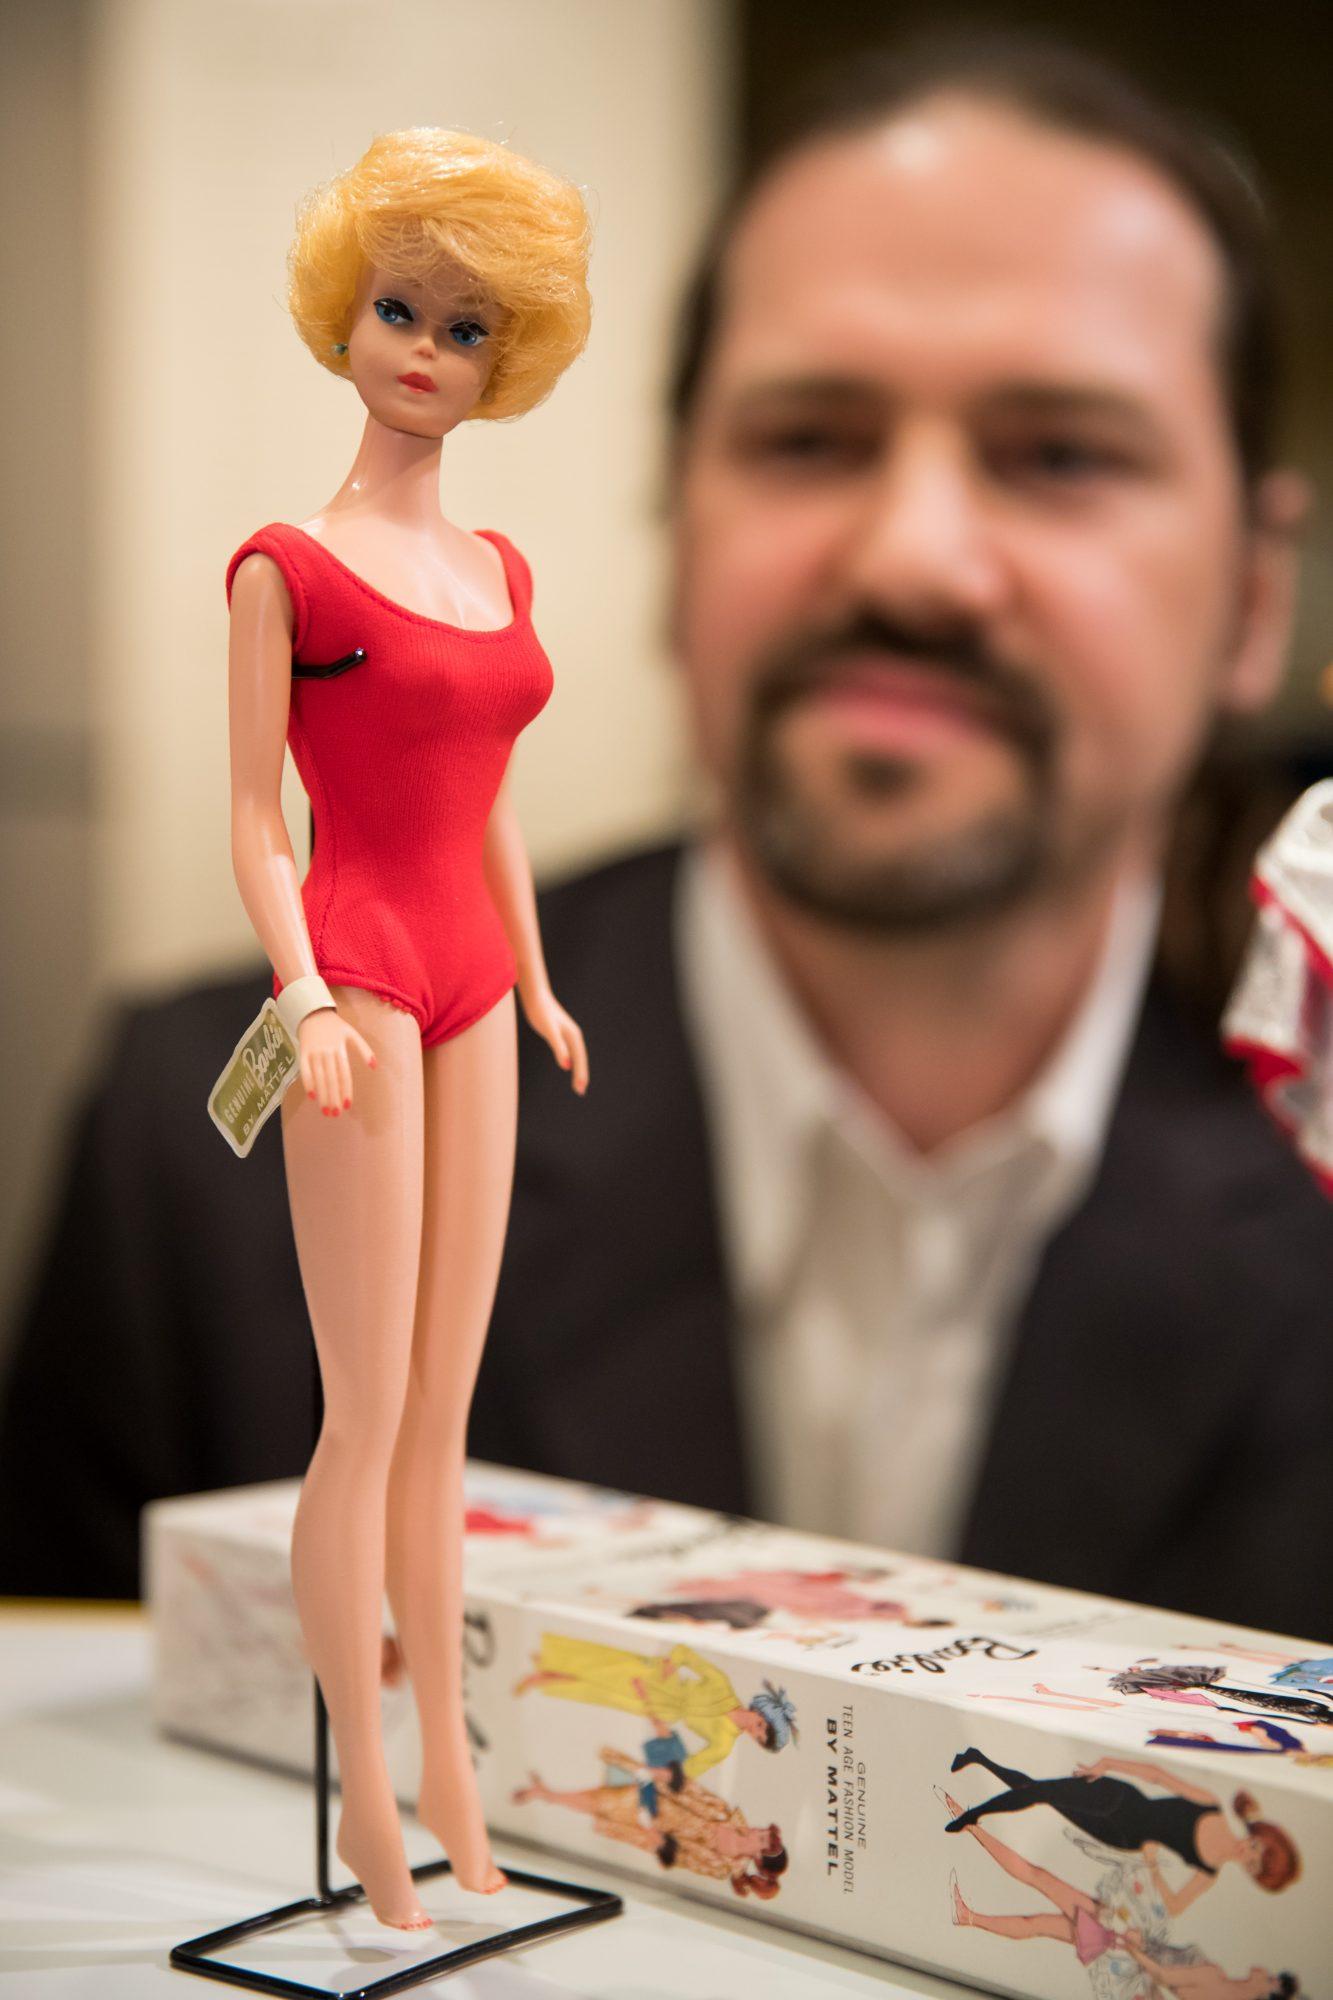 La evolución de Barbie